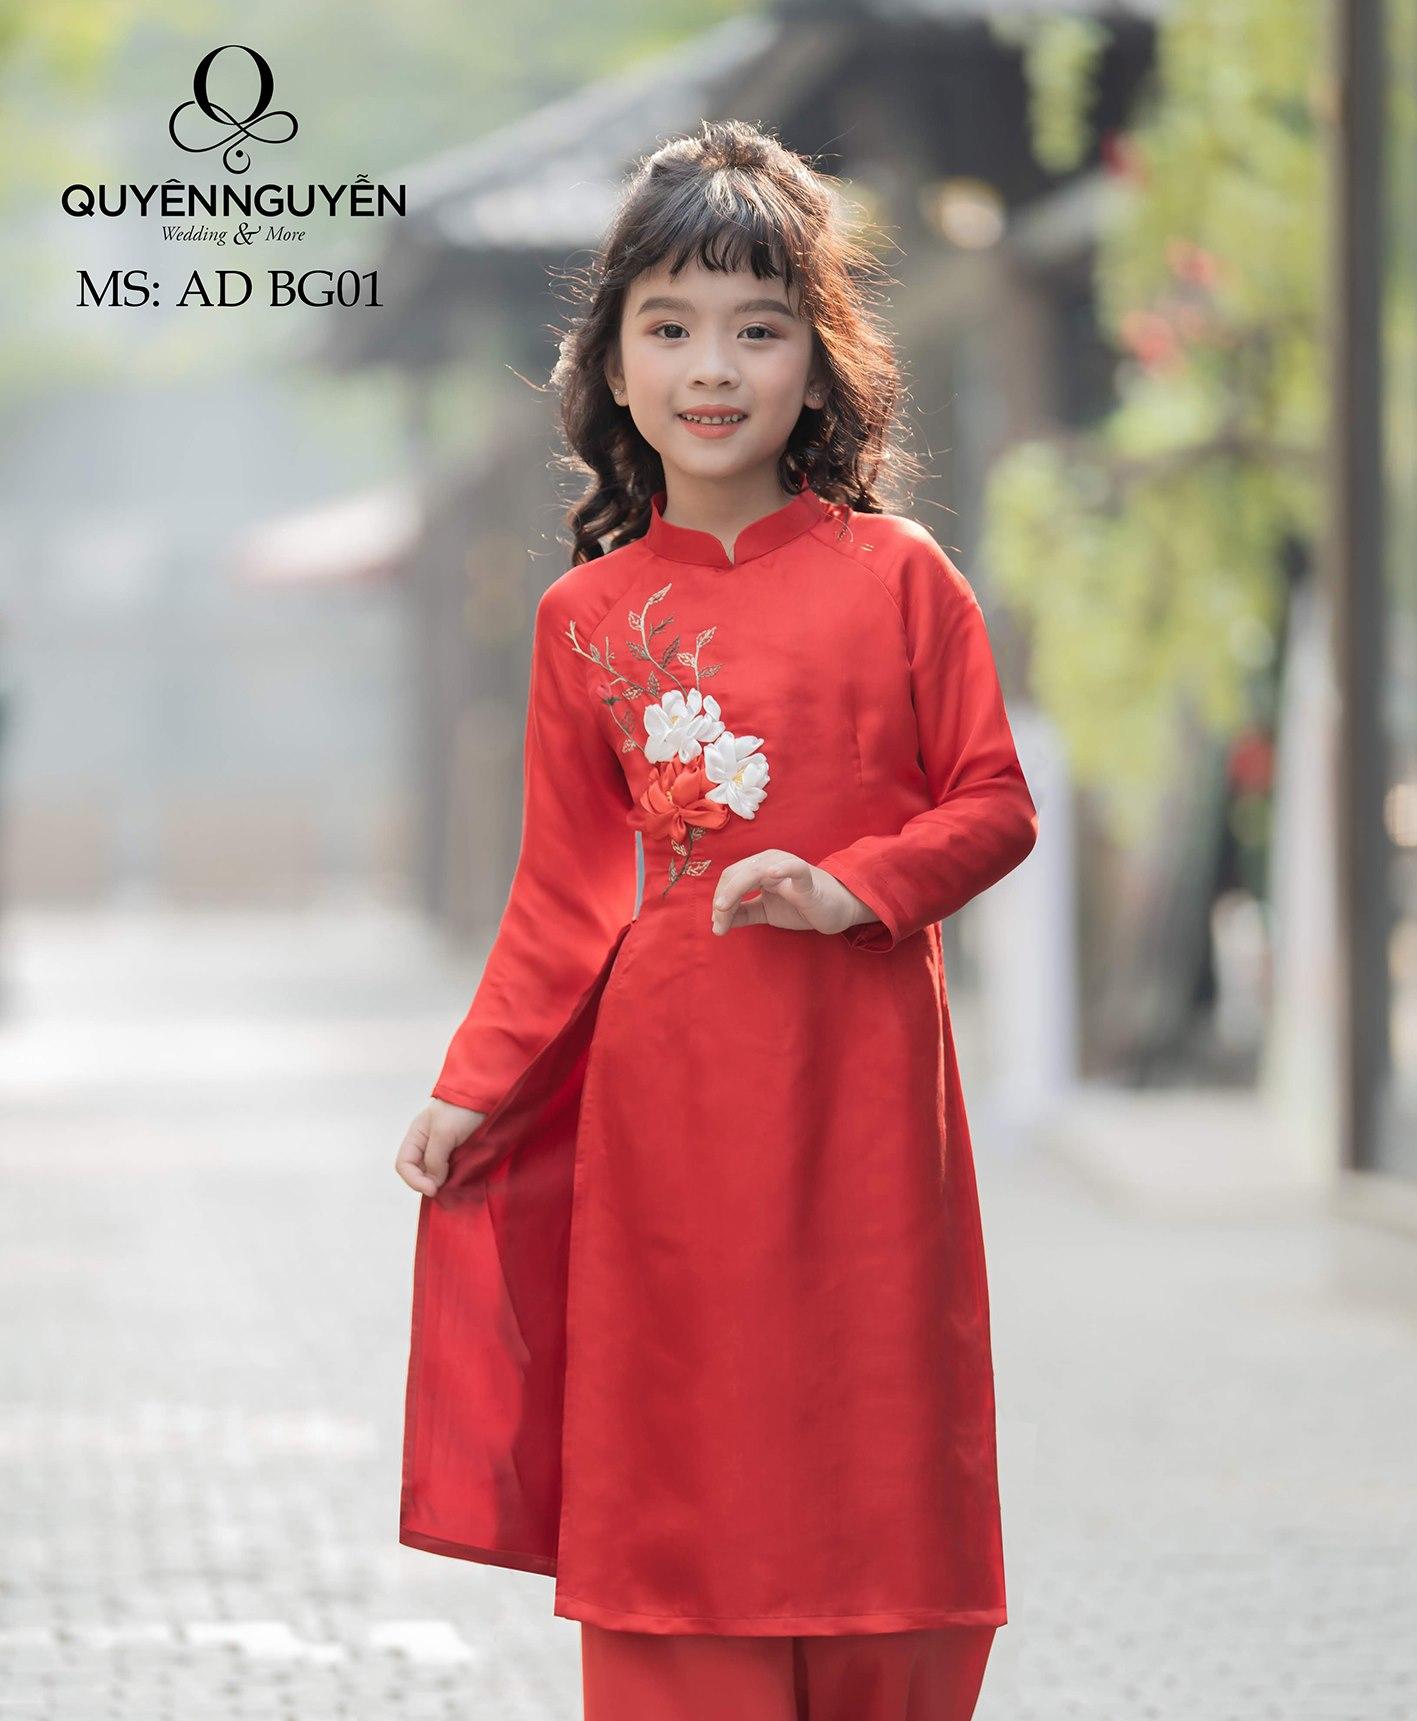 Áo dài trẻ em màu đỏ được thêu hoa nổi bật ADBG01